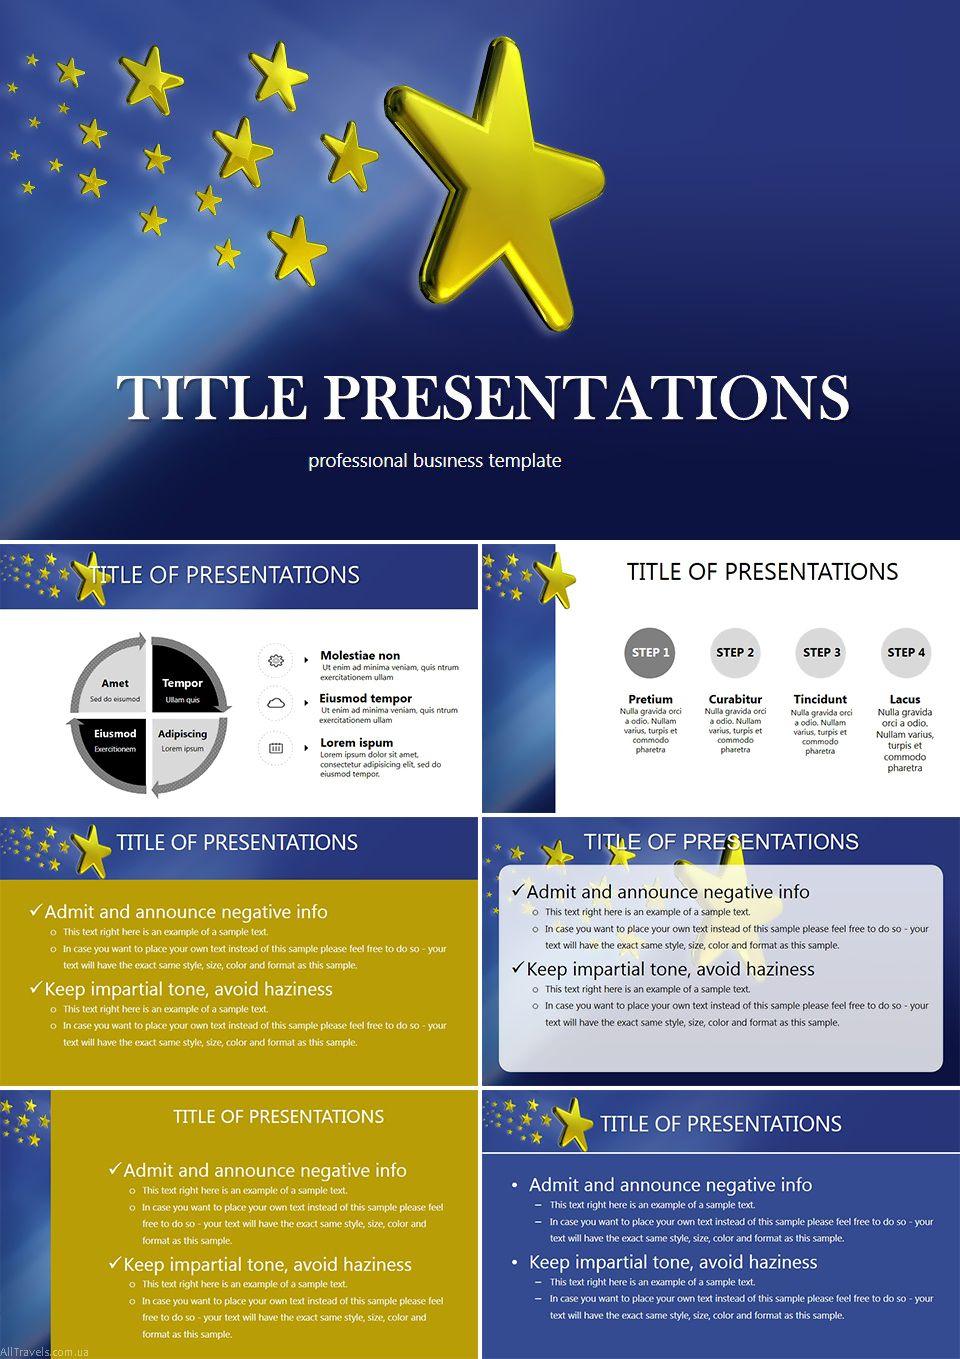 eu stars powerpoint template powerpoint templates pinterest